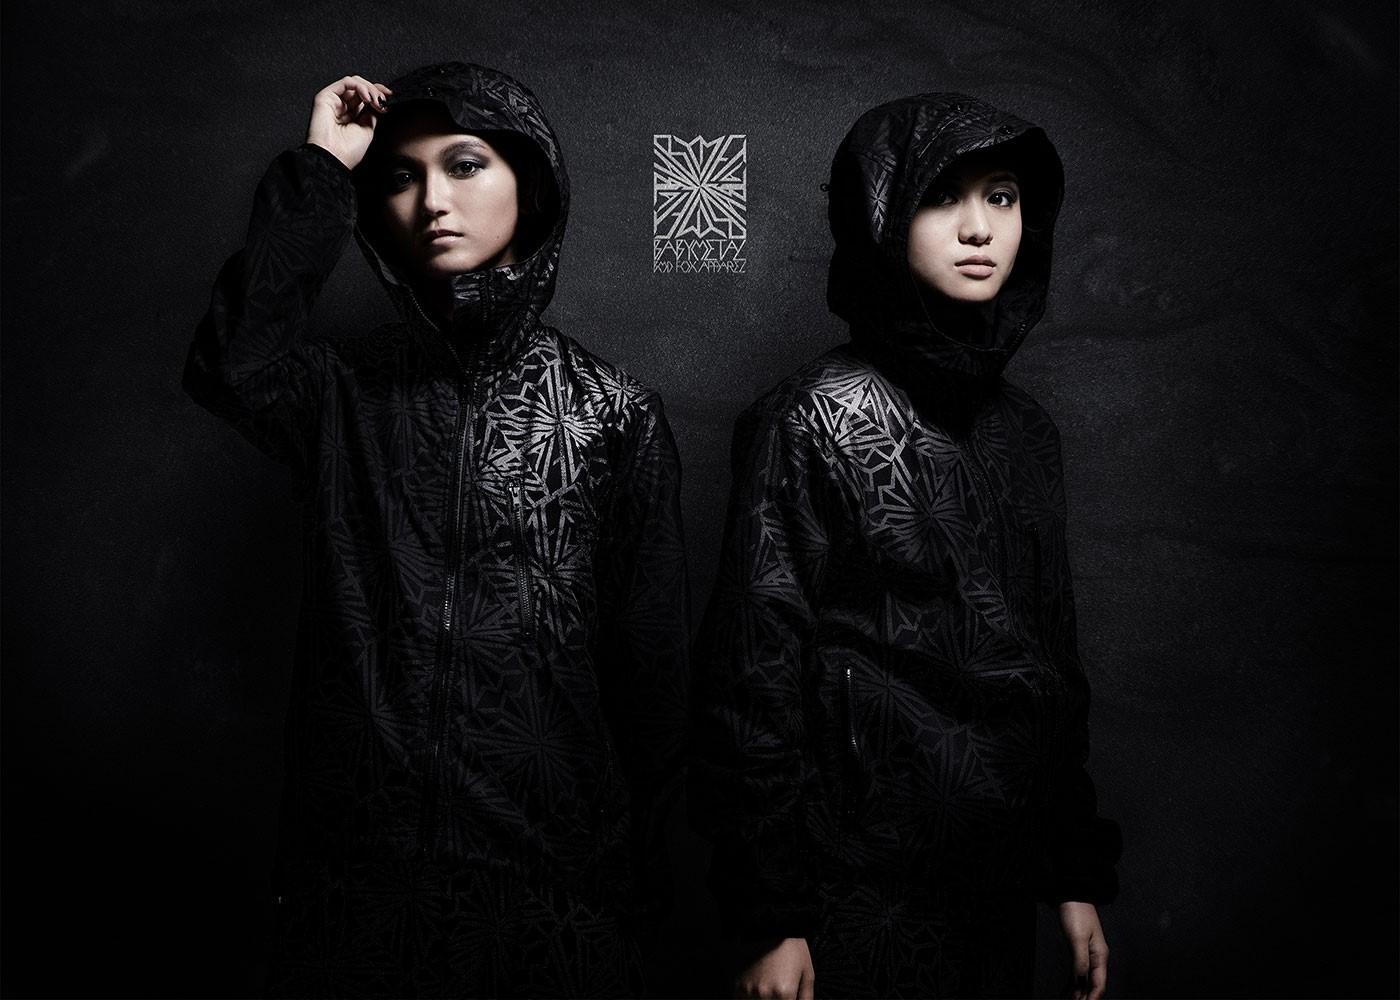 日本女子團體BABYMETAL服飾品牌「BMD FOX APPAREL」於西武澀谷快閃登場 babymetal_、